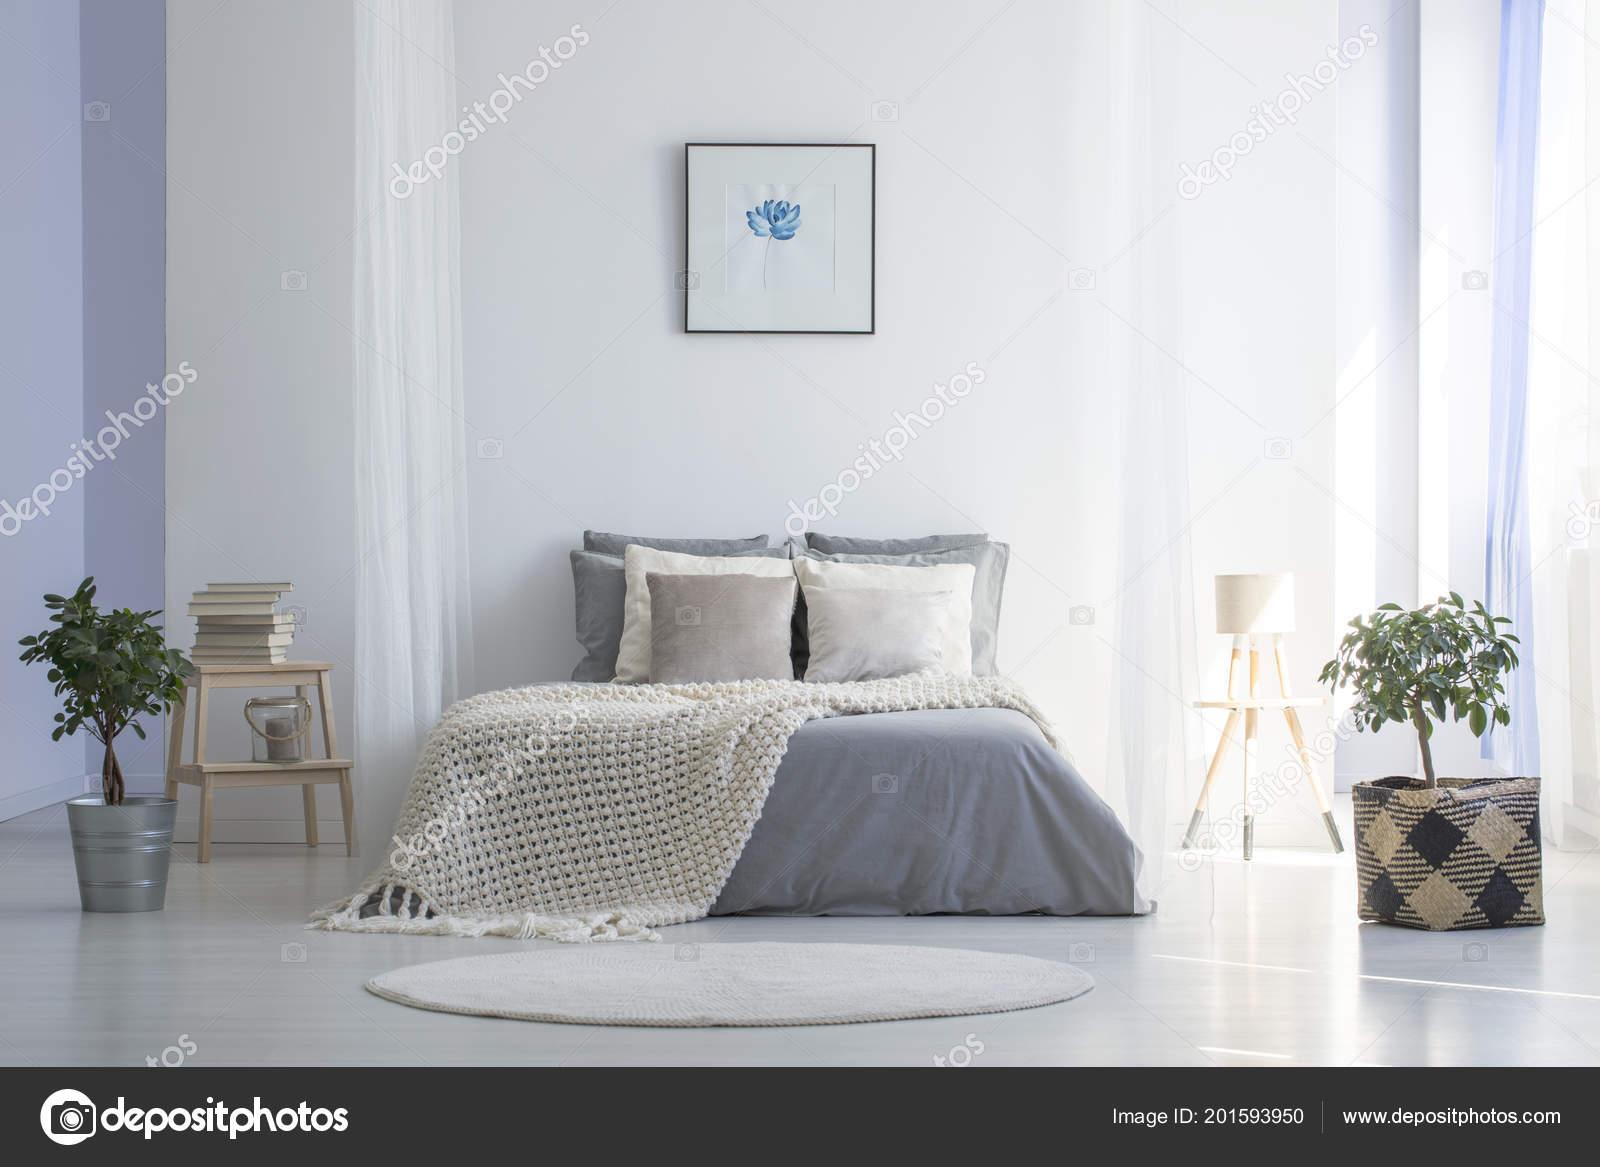 Slaapkamer Interieur Grijs : Ronde rug voor grijs bed met deken minimale slaapkamer interieur